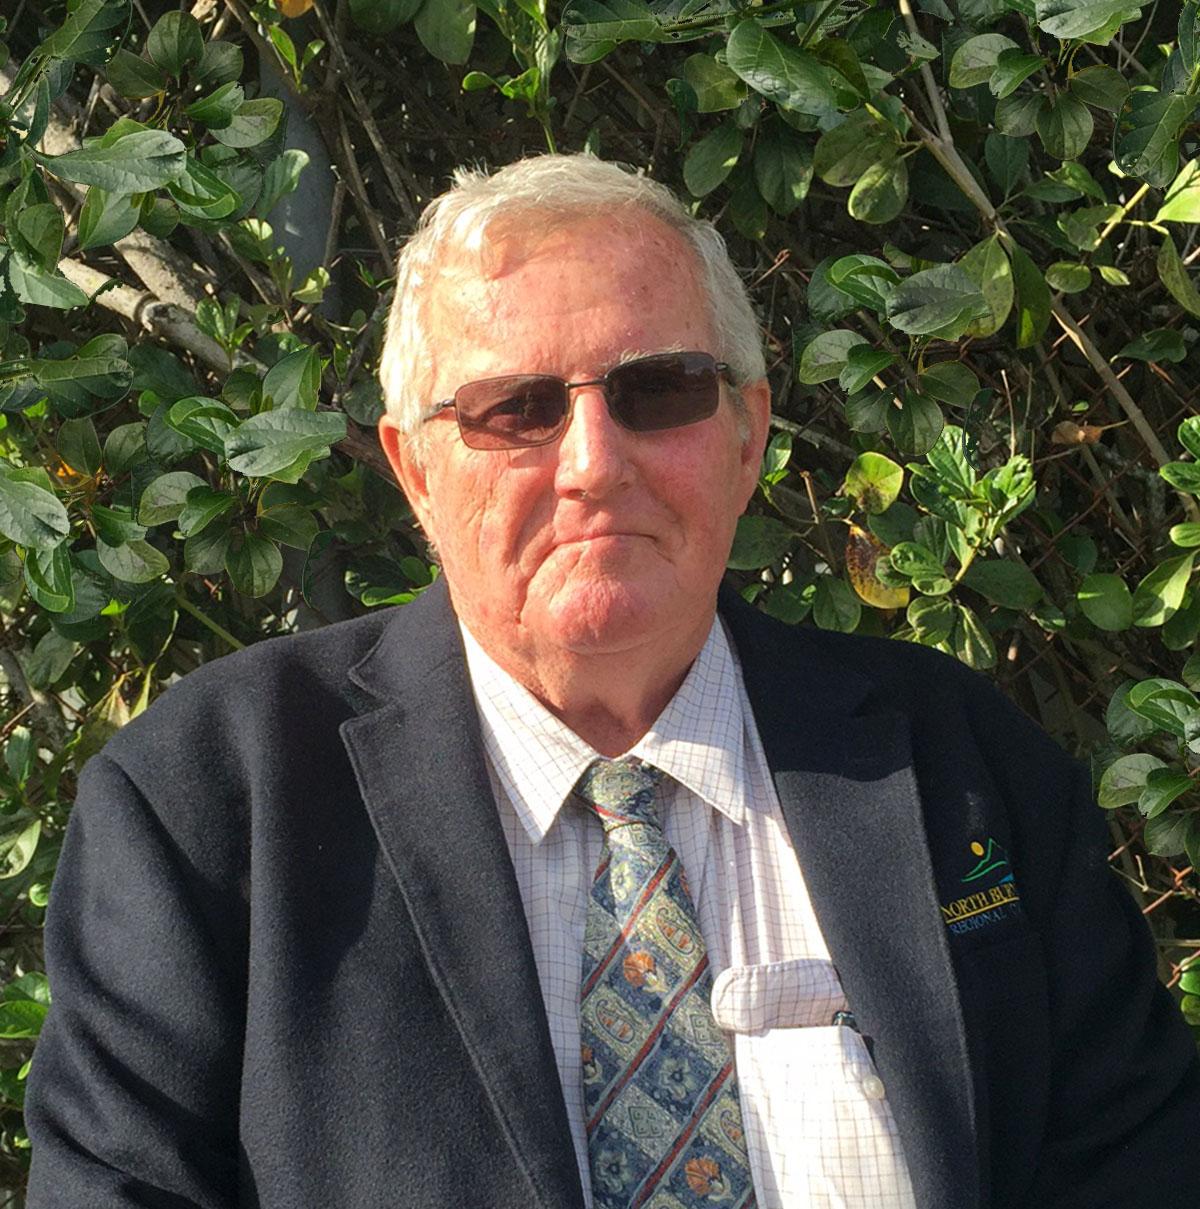 Cr Peter Webster